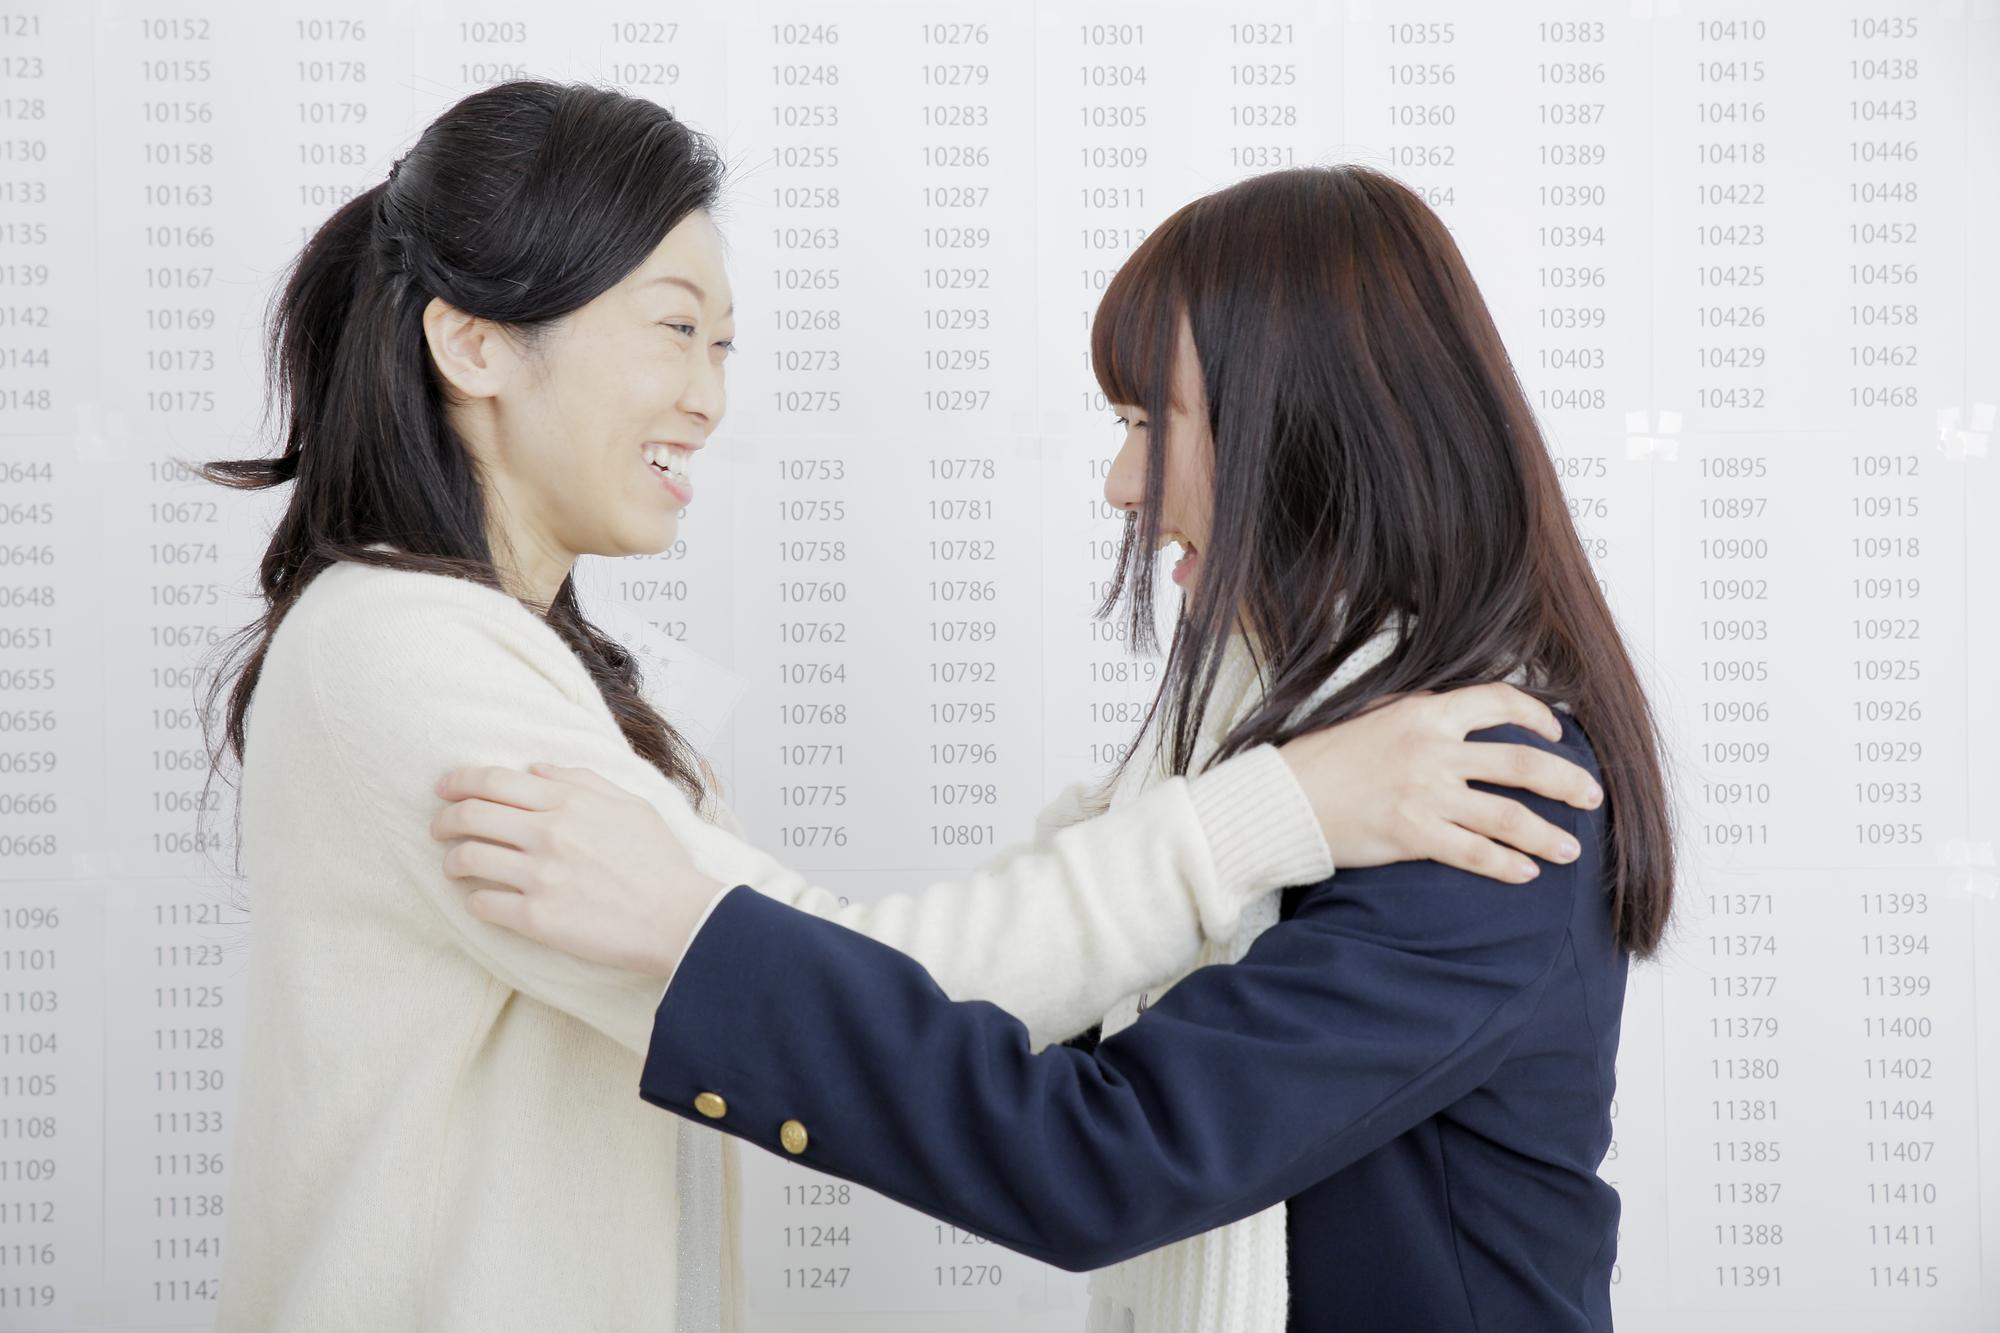 合格を知って抱き合う母と娘